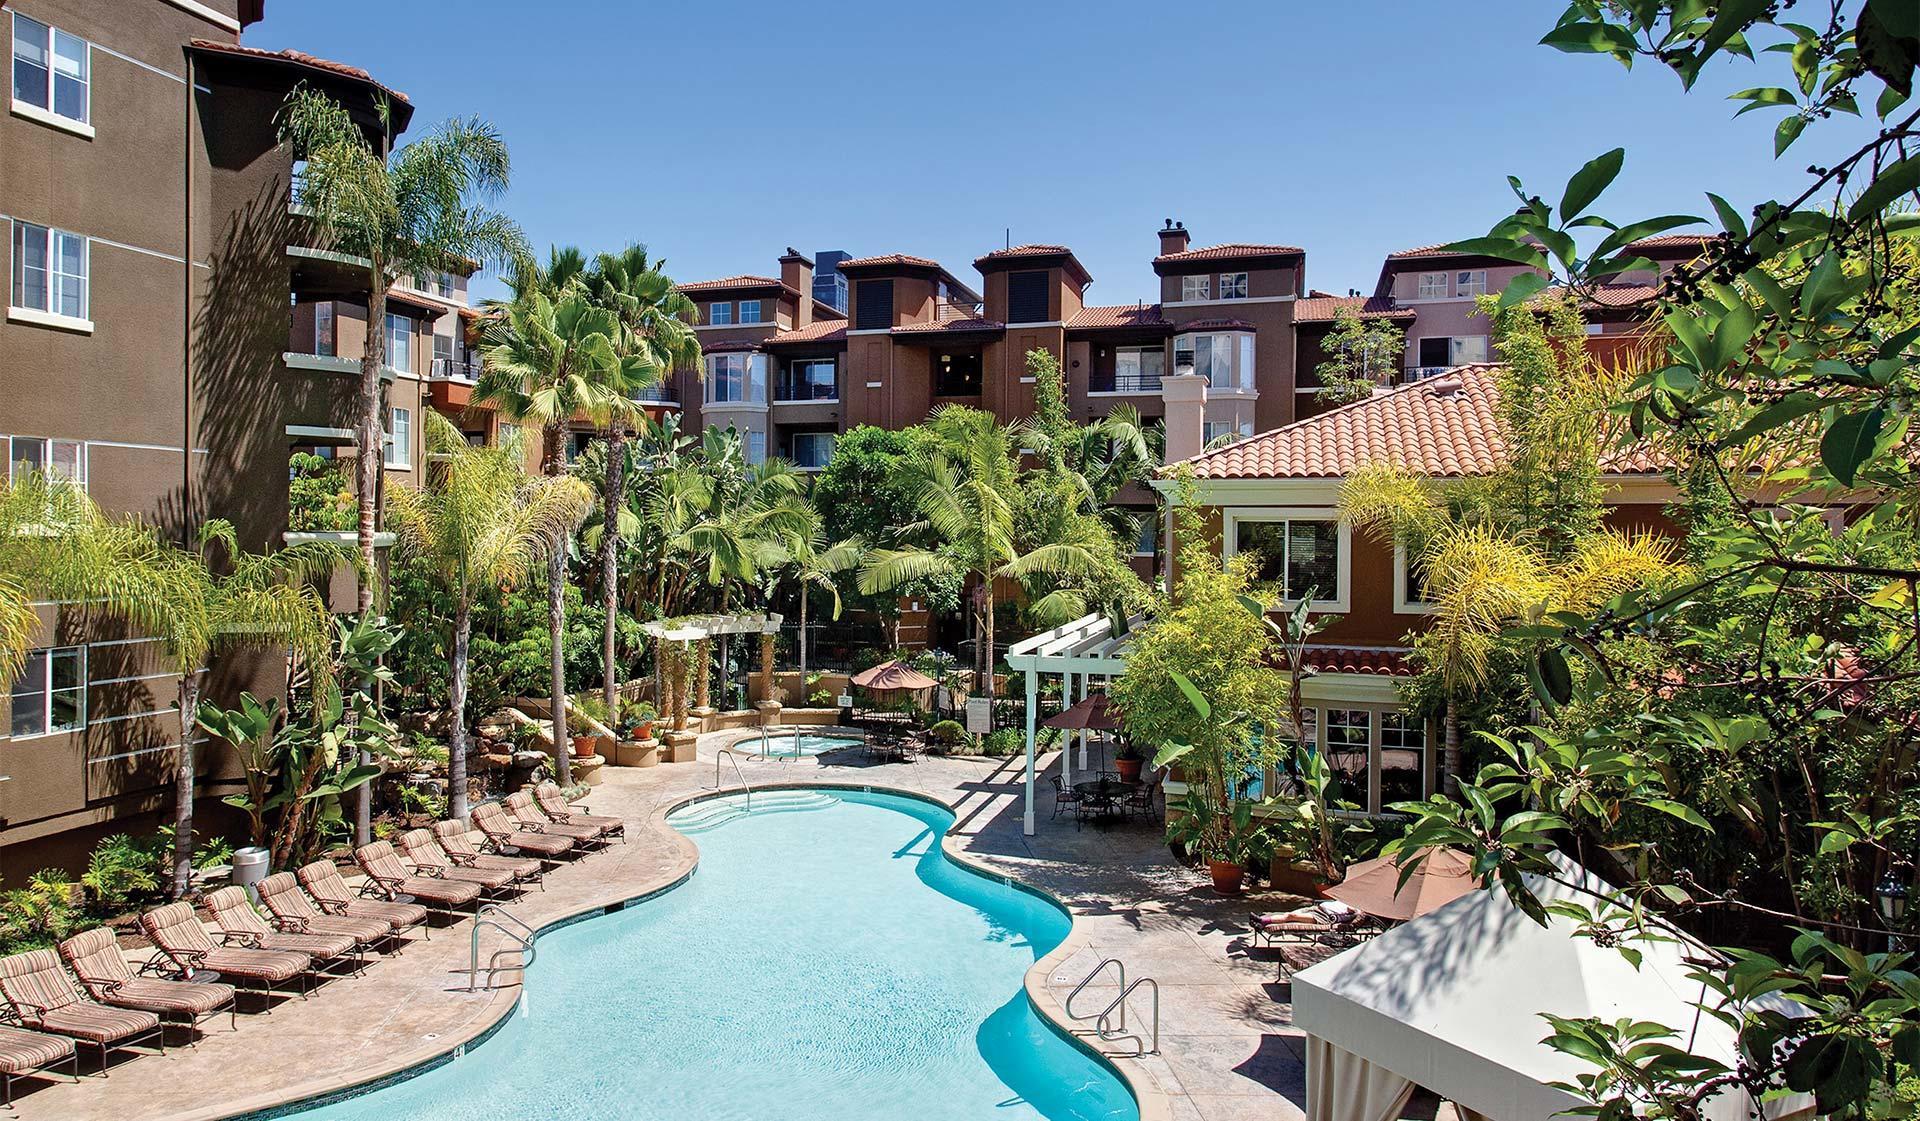 Park La Brea Apartments Los Angeles Ca